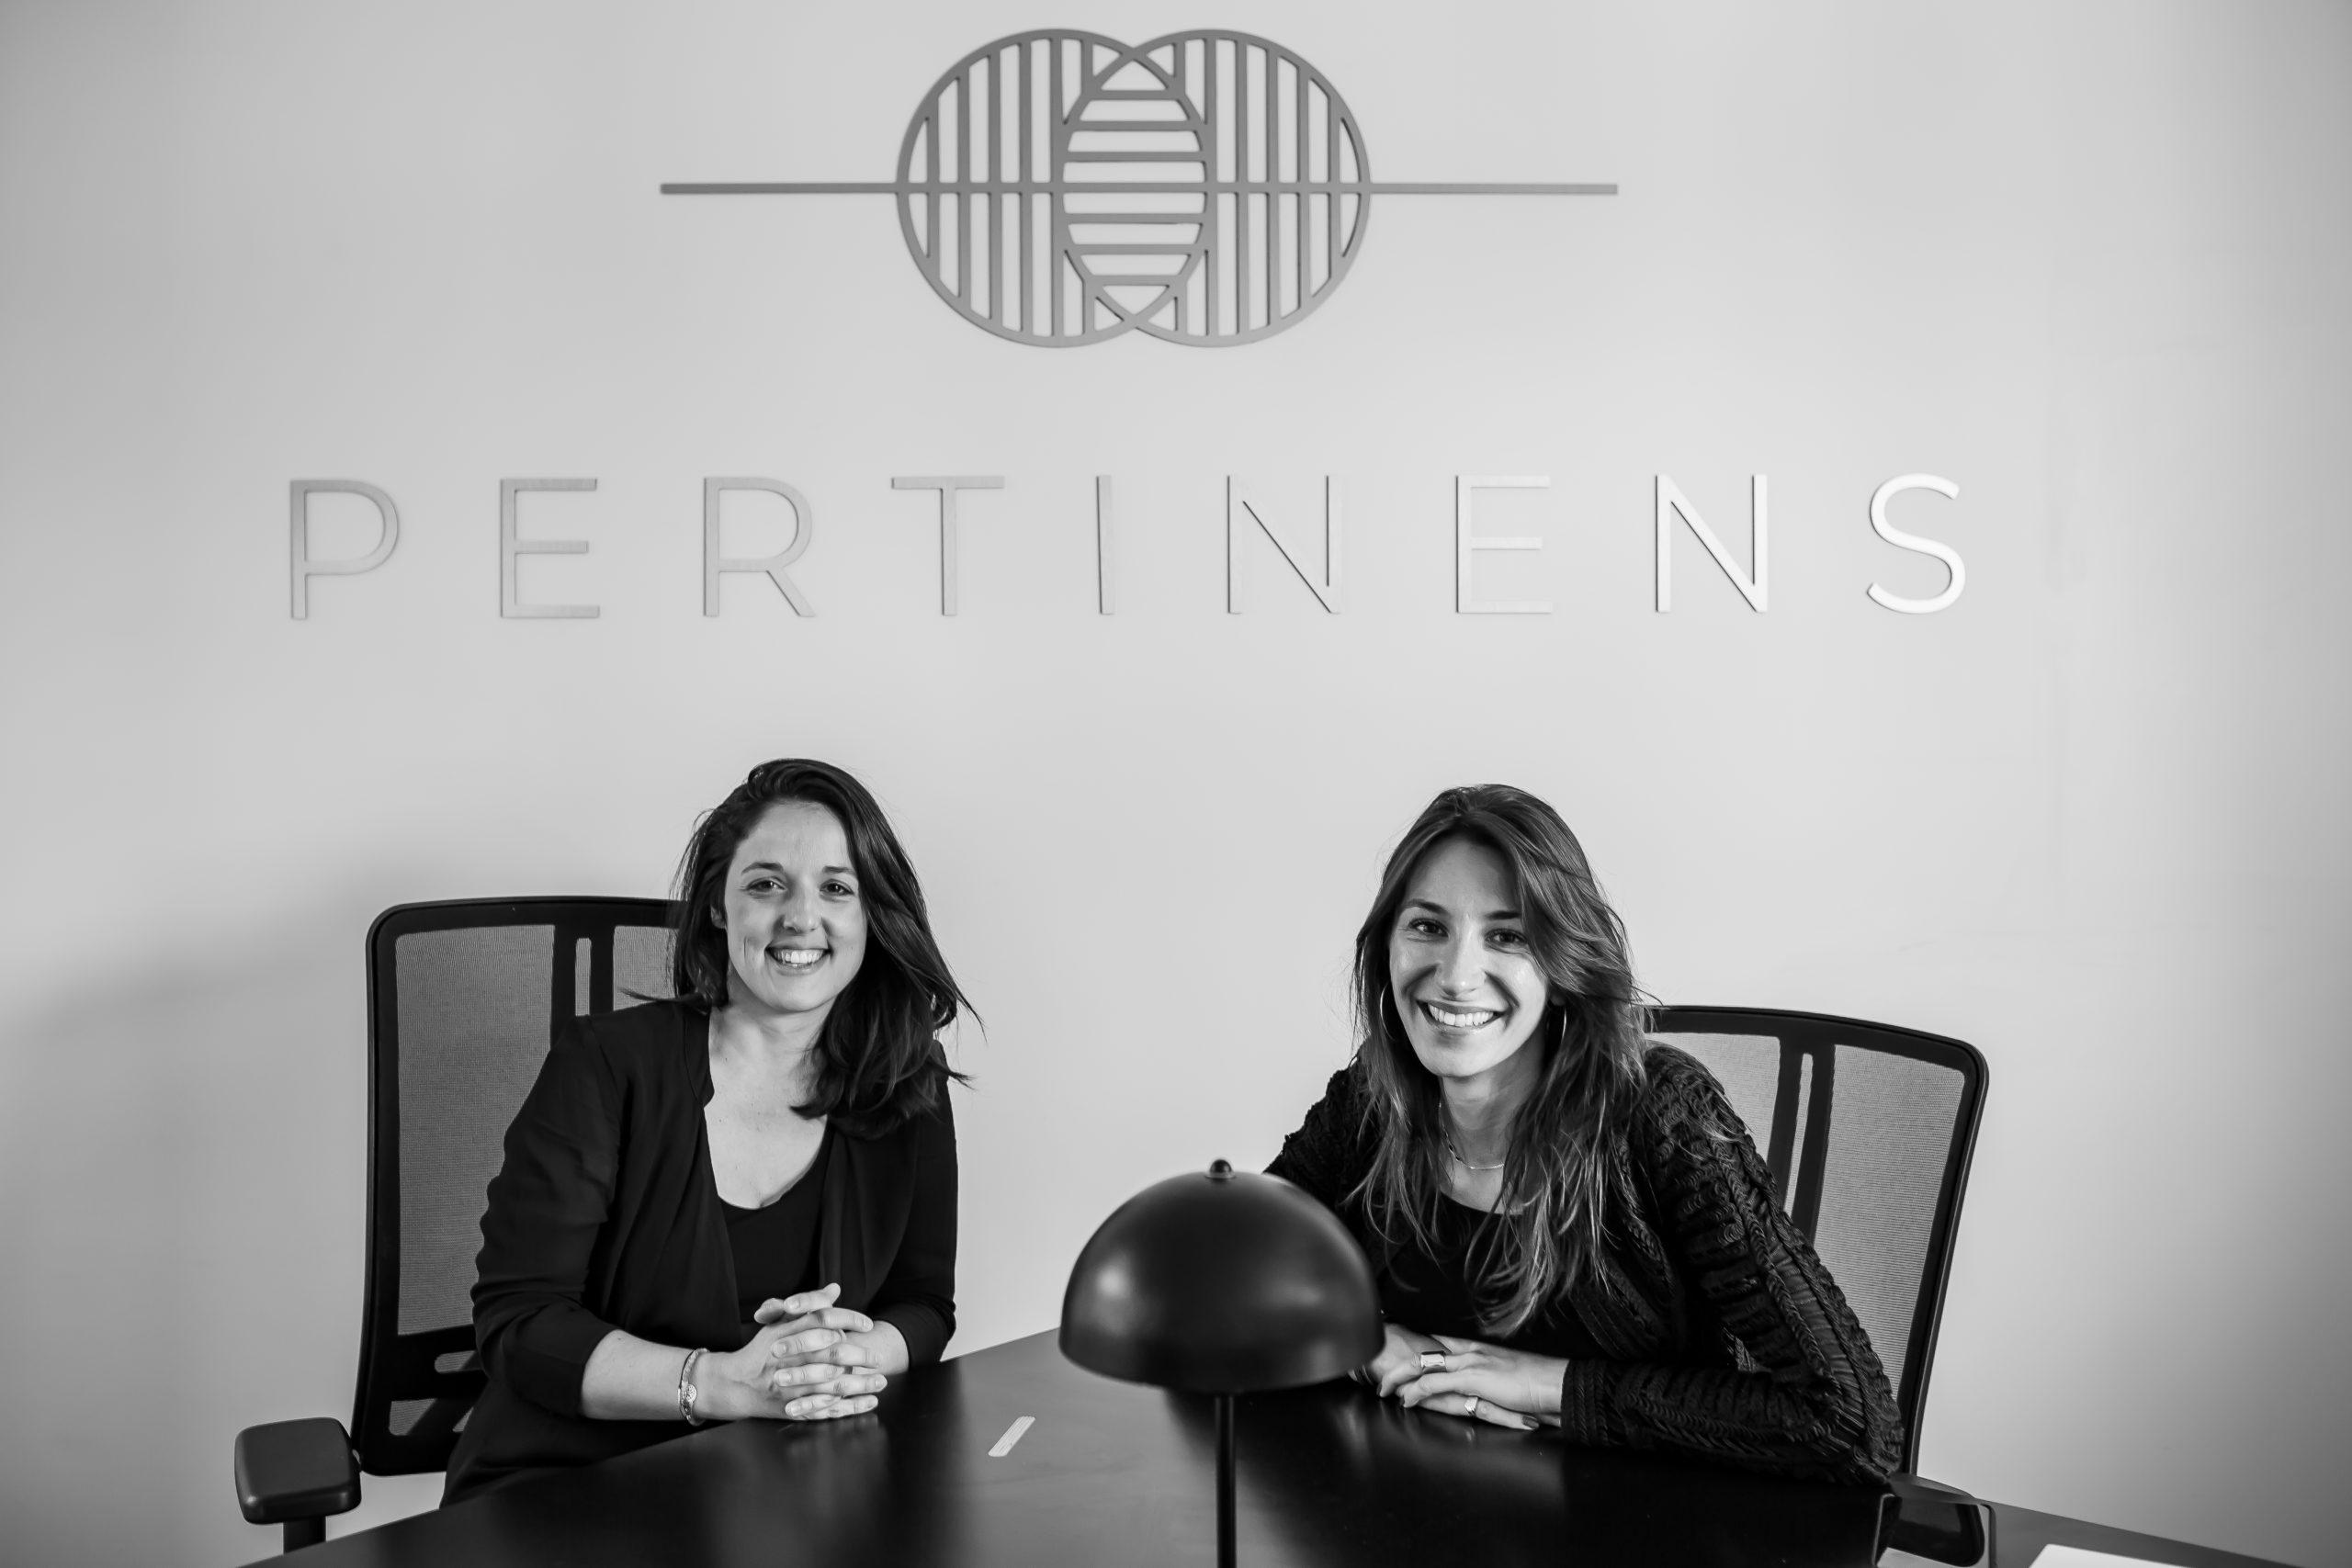 Clémence Campech et Laurie Tessier de l'agence Pertinens spécialisée dans le conseil en marketing digital qui aide les entrepreneurs à atteindre leurs ambitions de développement.